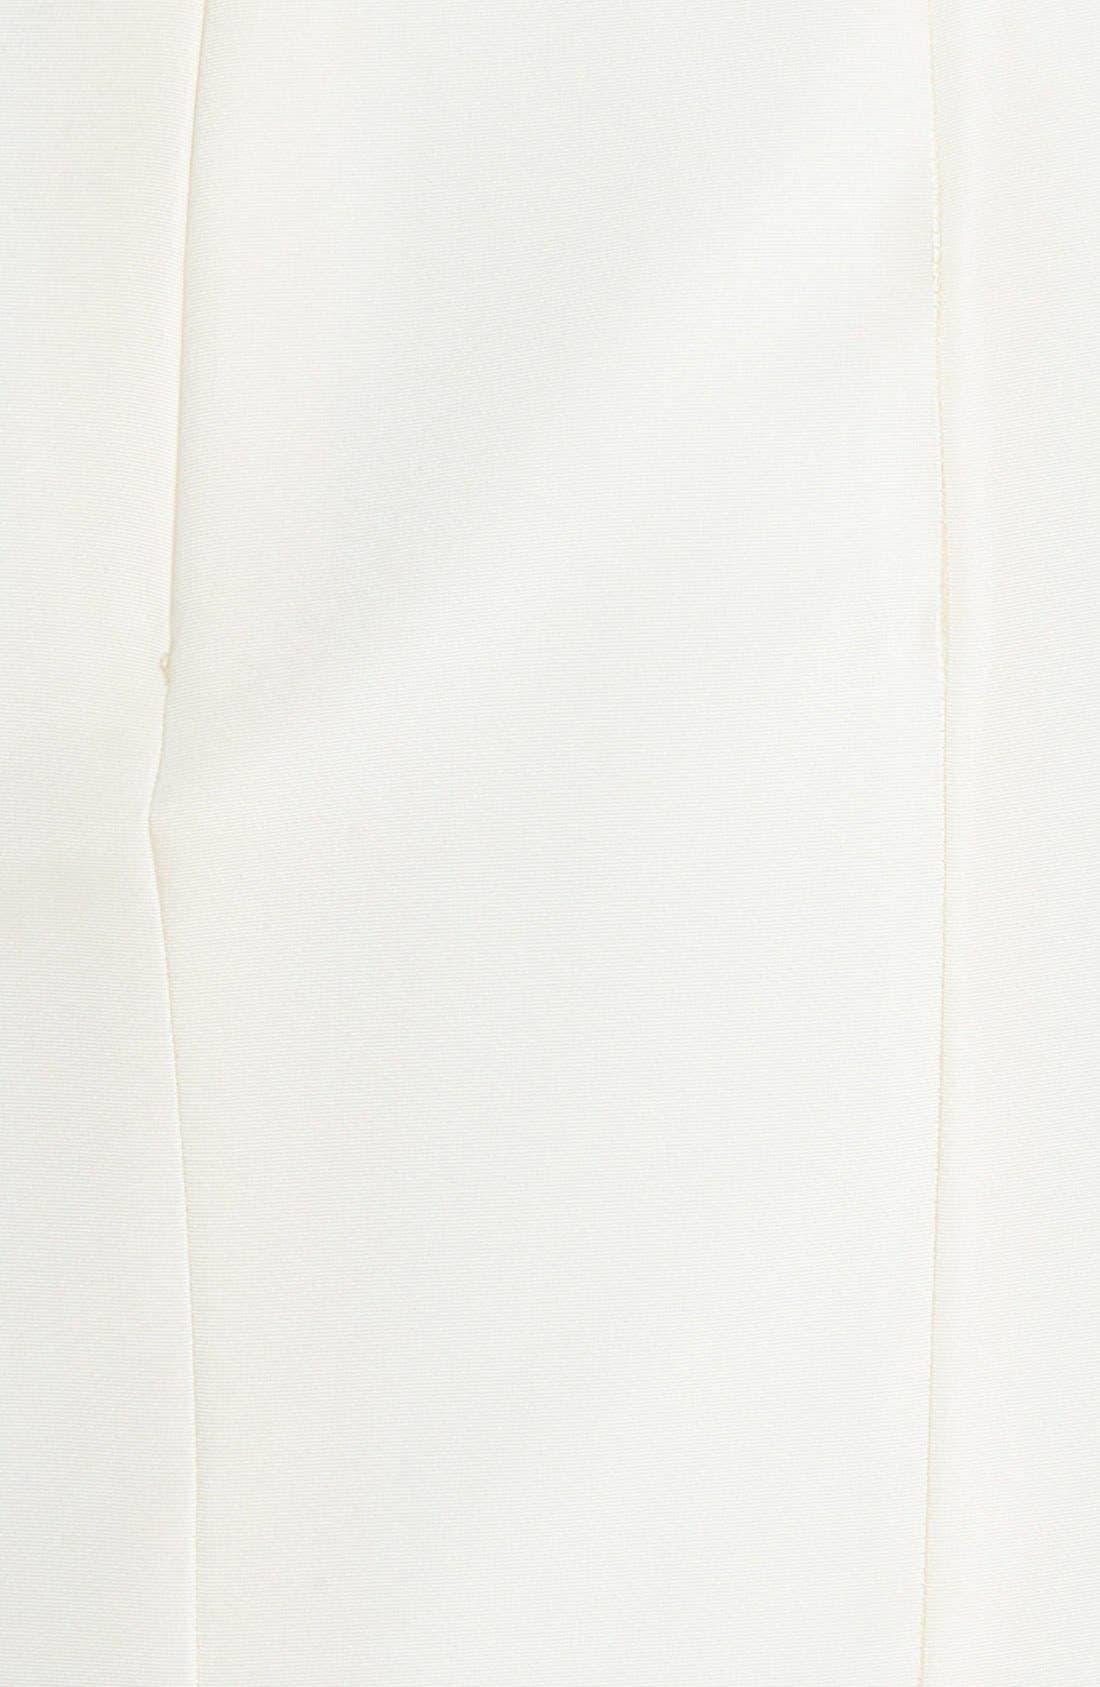 'Cate' Faille De Soie Fit & Flare Dress,                             Alternate thumbnail 2, color,                             IVORY